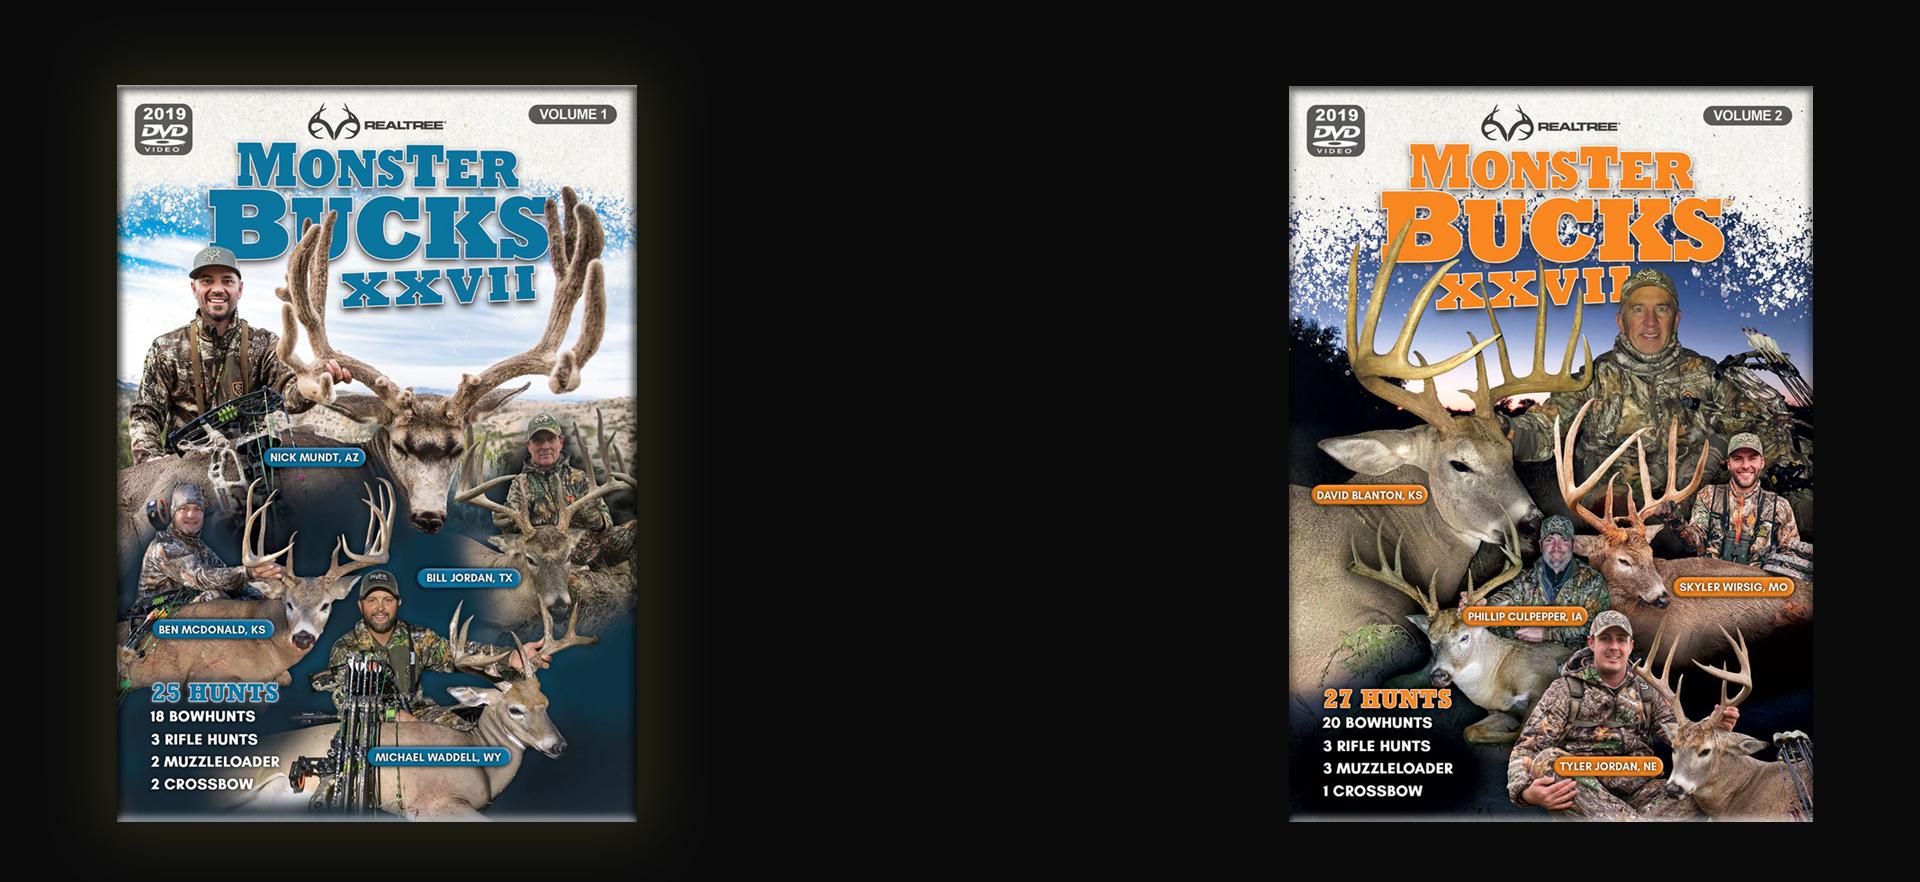 Realtree Monster Bucks XXVII 2019 DVDs